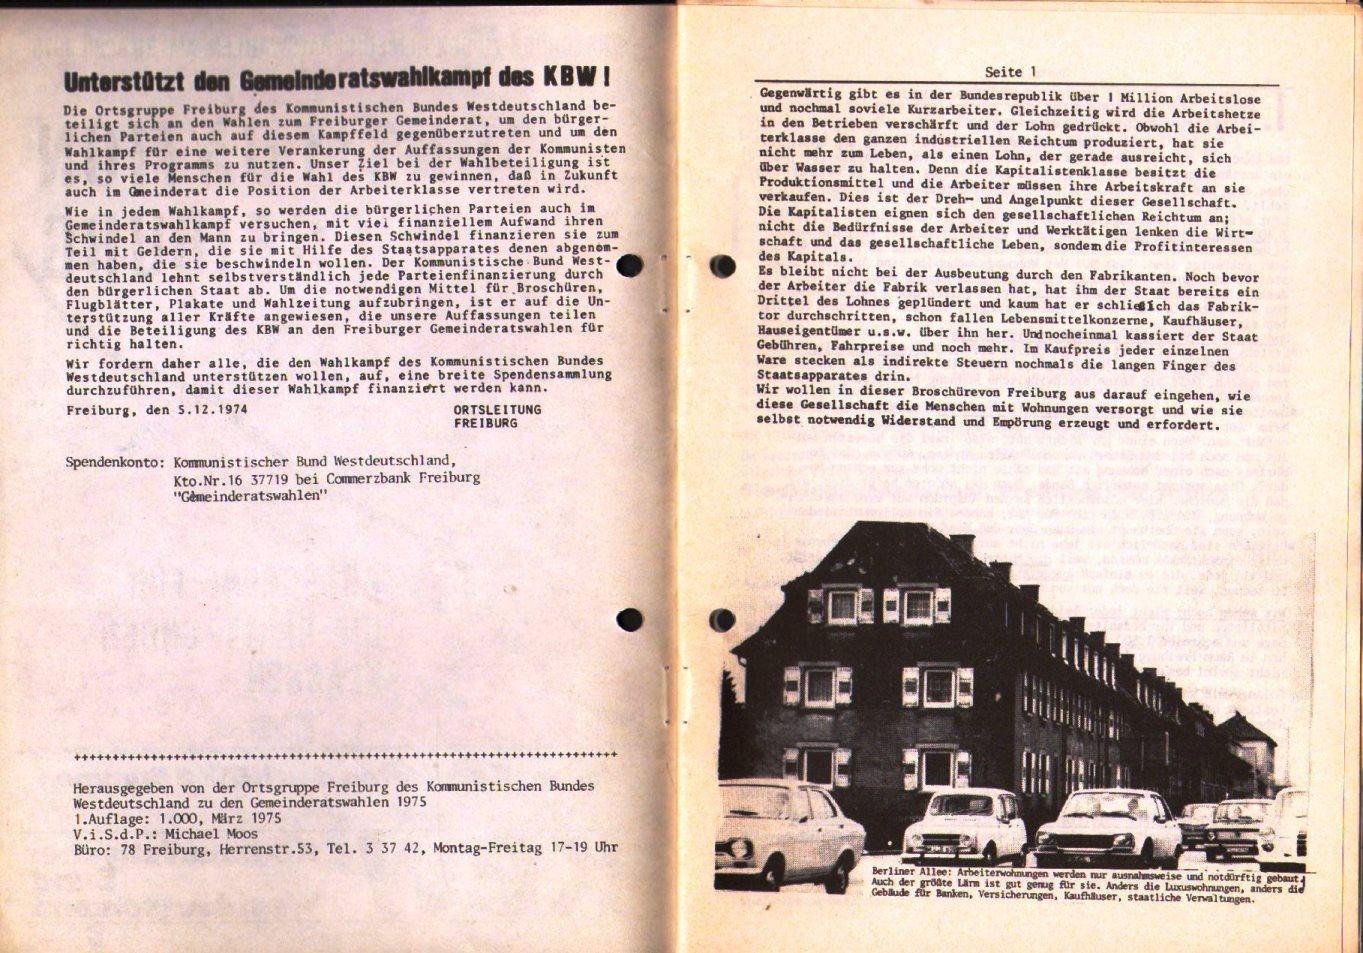 Freiburg_KBW_1975_Gemeinderatswahlen002